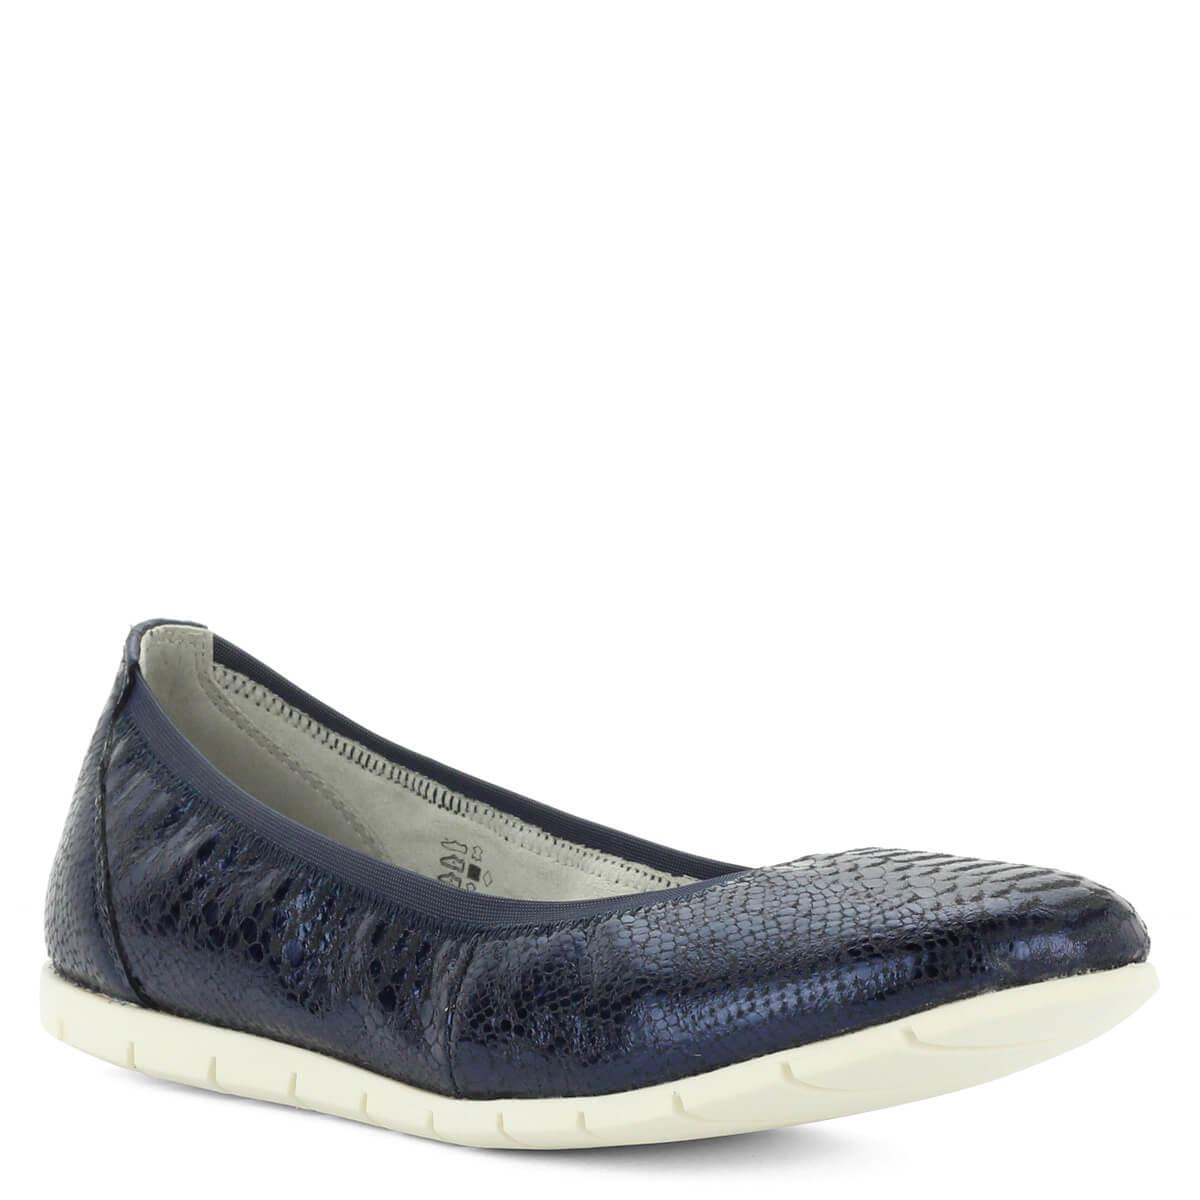 61424d54f1 ... Tamaris balerina cipő sötétkék színben, textúrált bőr felsőrésszel.  Könnyű, kényelmes cipő hajlékony gumi ...